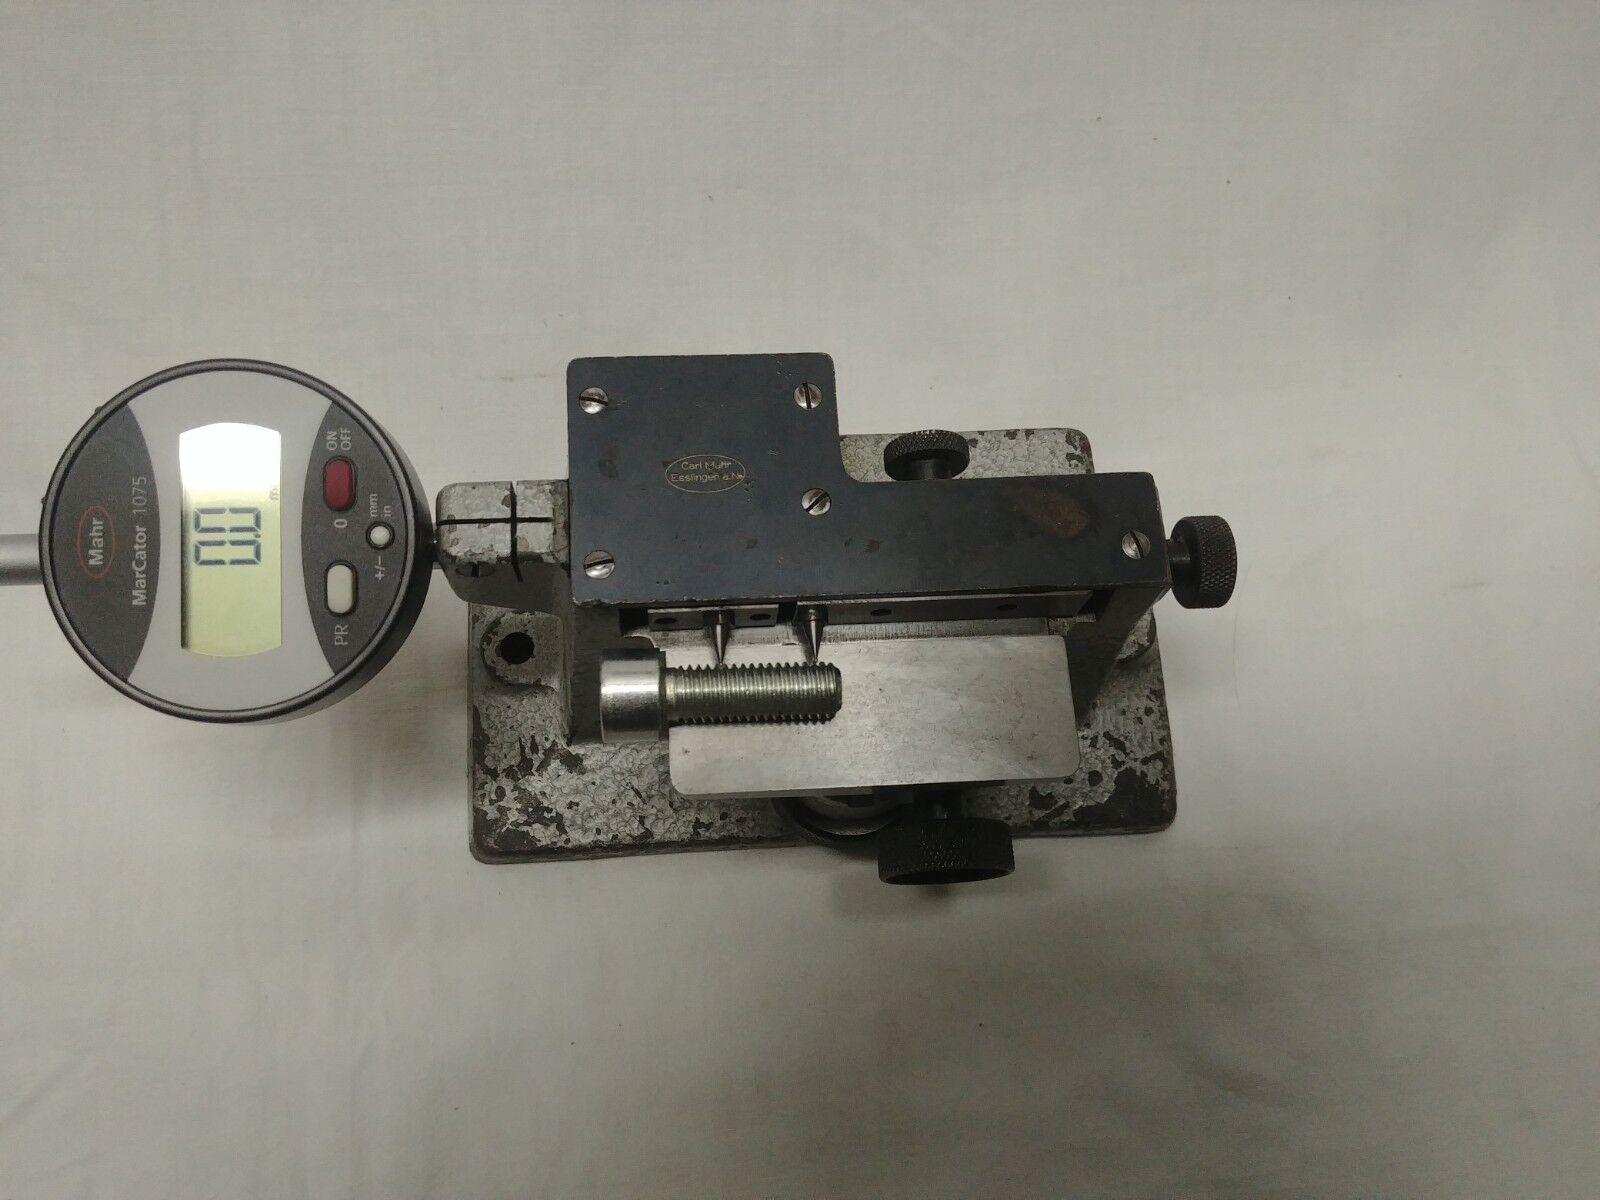 Mahr Gewinde steigungsprüfer thread measuring tool Gewindesteigung prüfgerät | Ästhetisches Aussehen  | Garantiere Qualität und Quantität  | Verrückte Preis